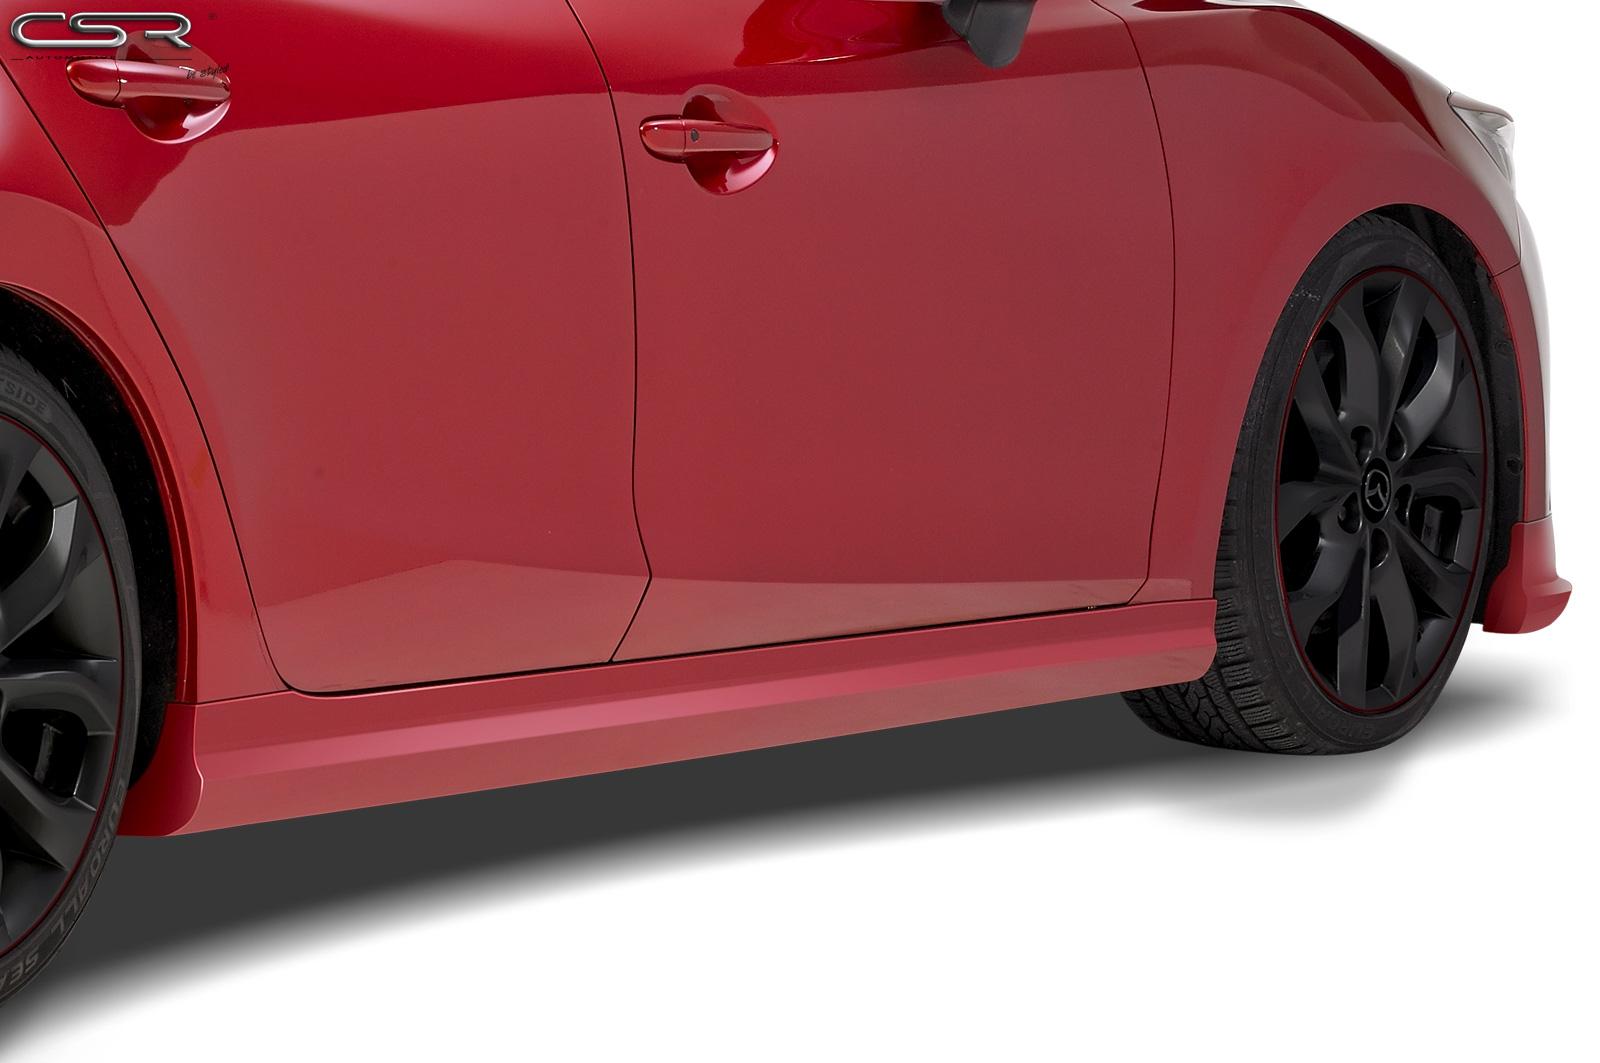 aktuelle neuheiten in der csr automotive tuningwelt. Black Bedroom Furniture Sets. Home Design Ideas